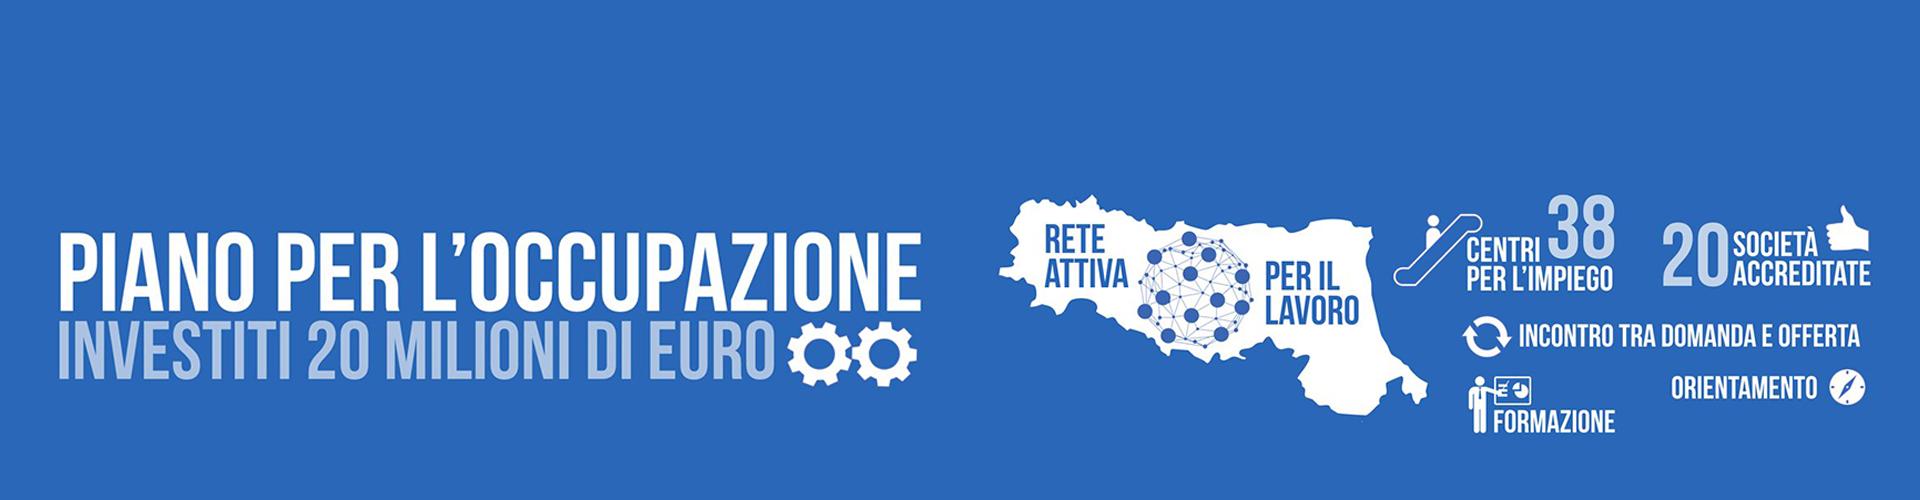 Cerchi Lavoro Istituto Cappellari Ferrara